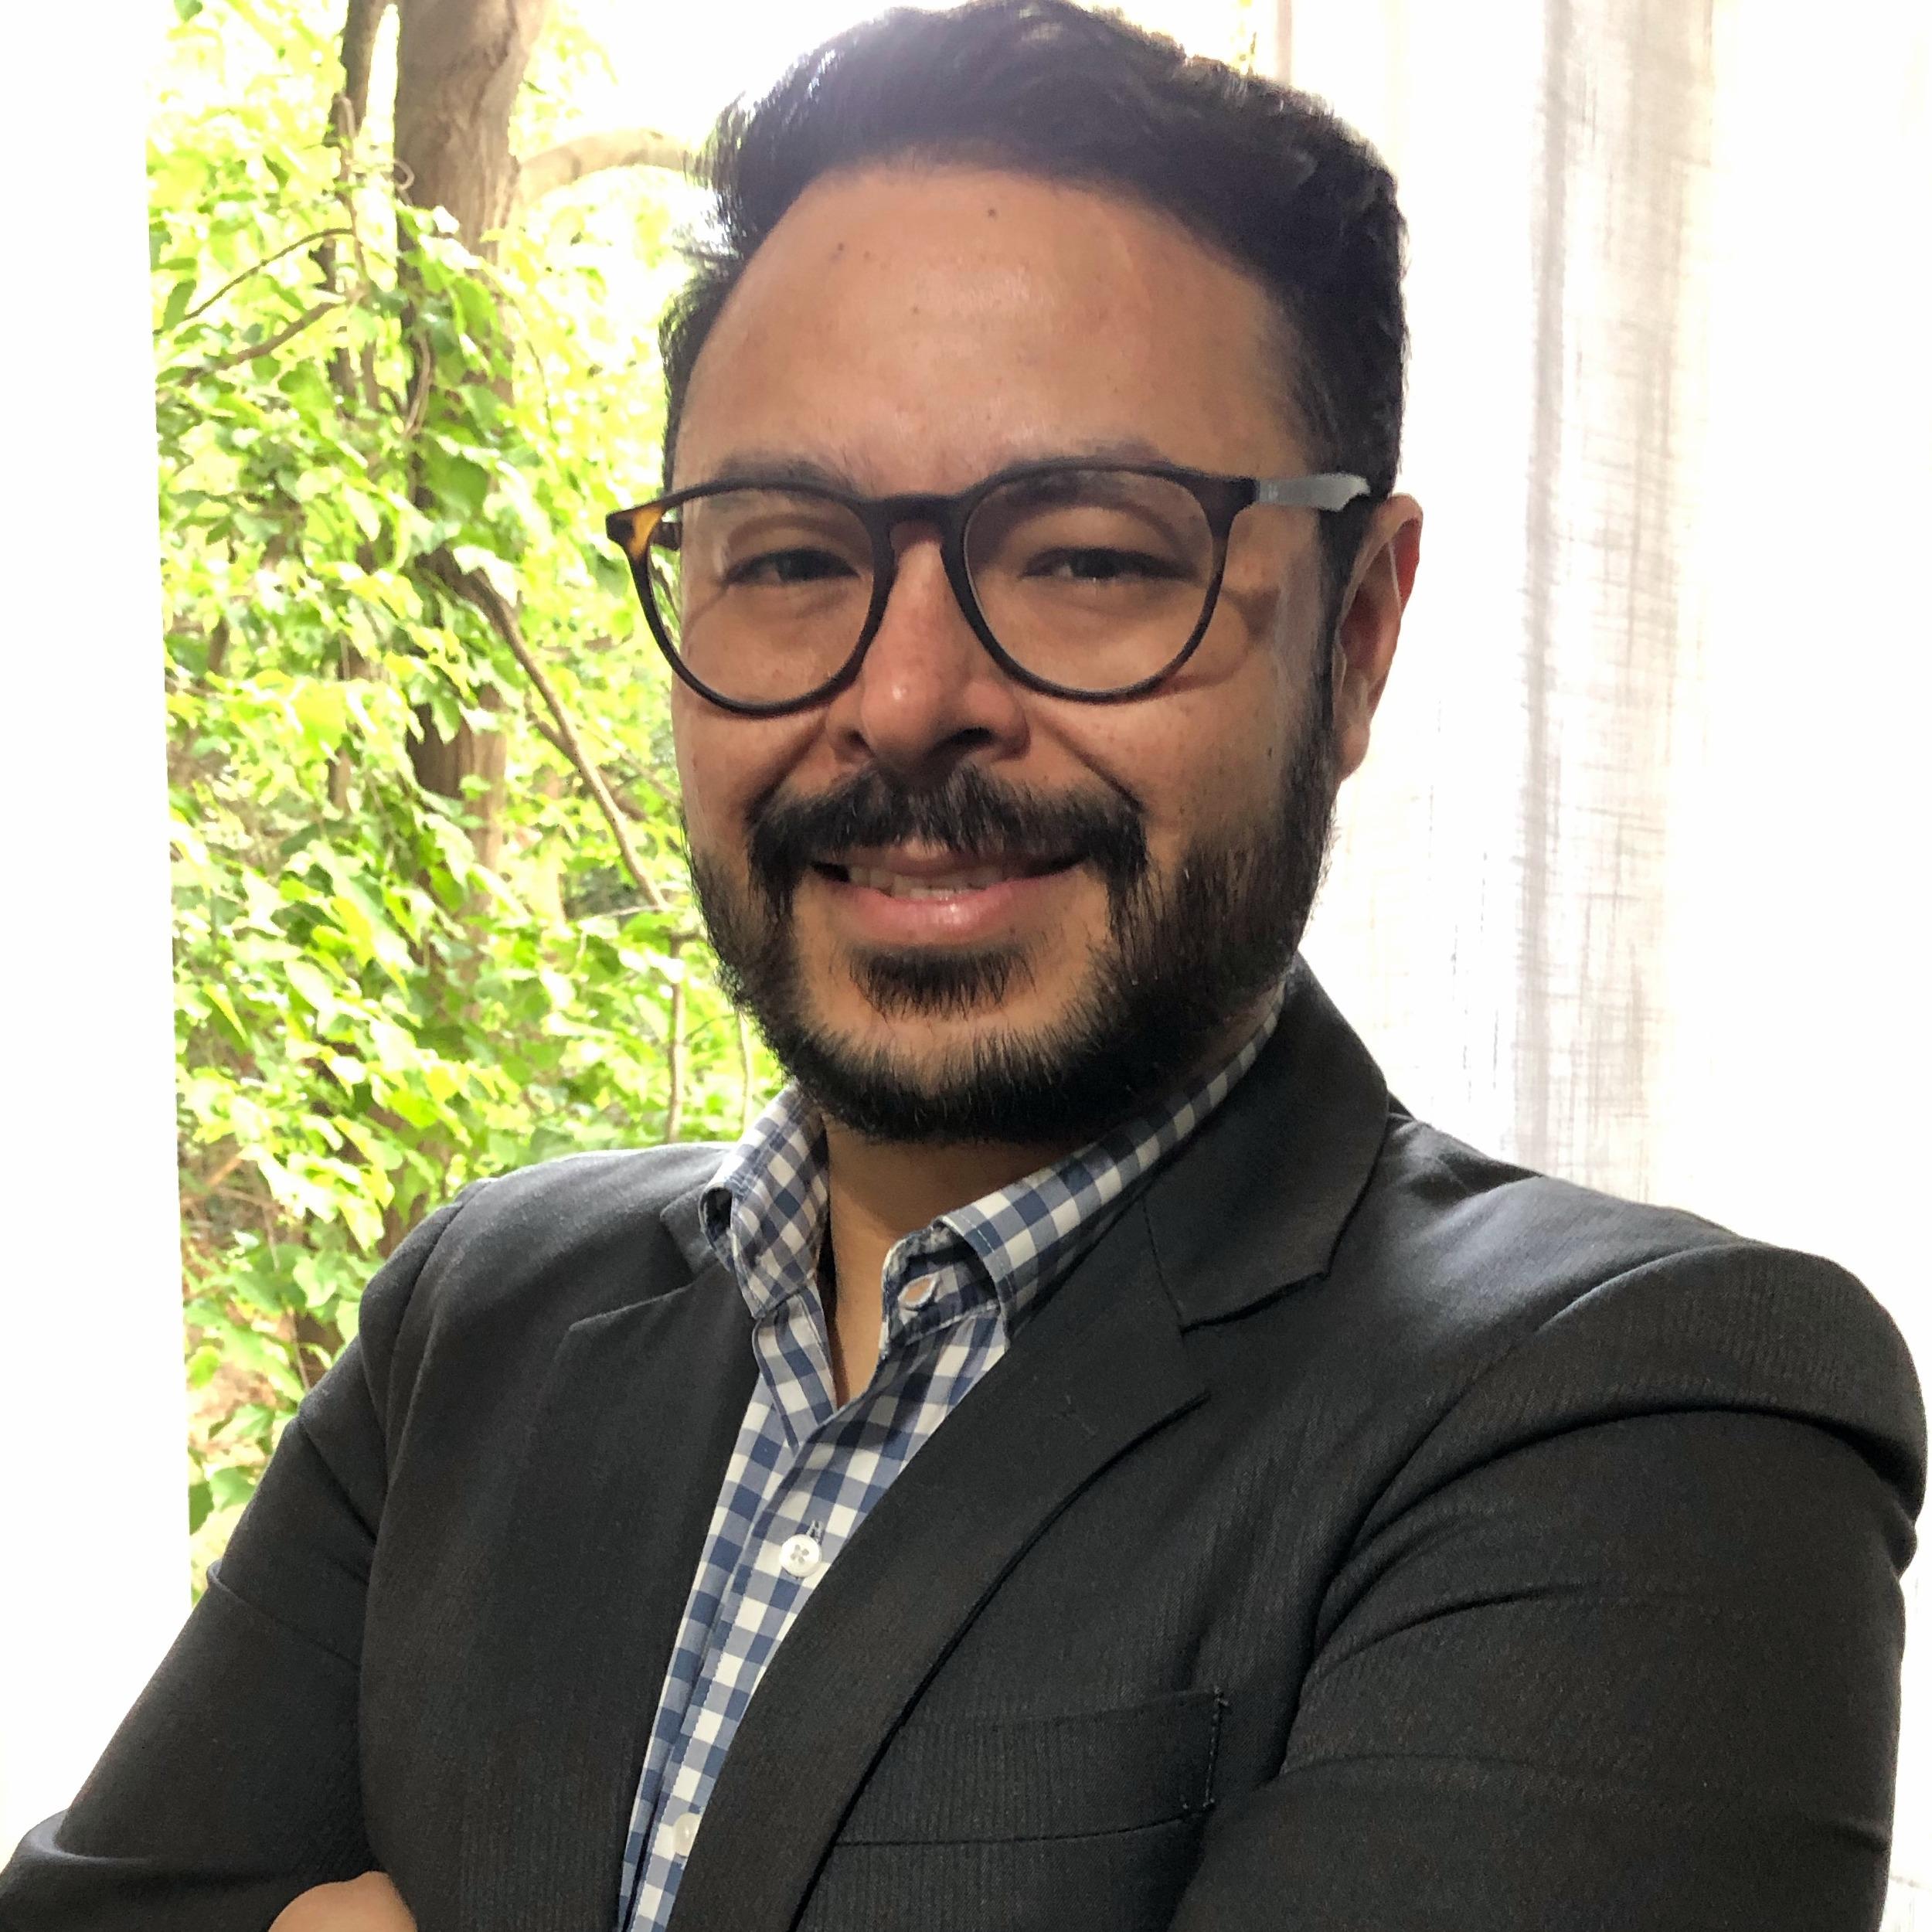 Gustavo Marui